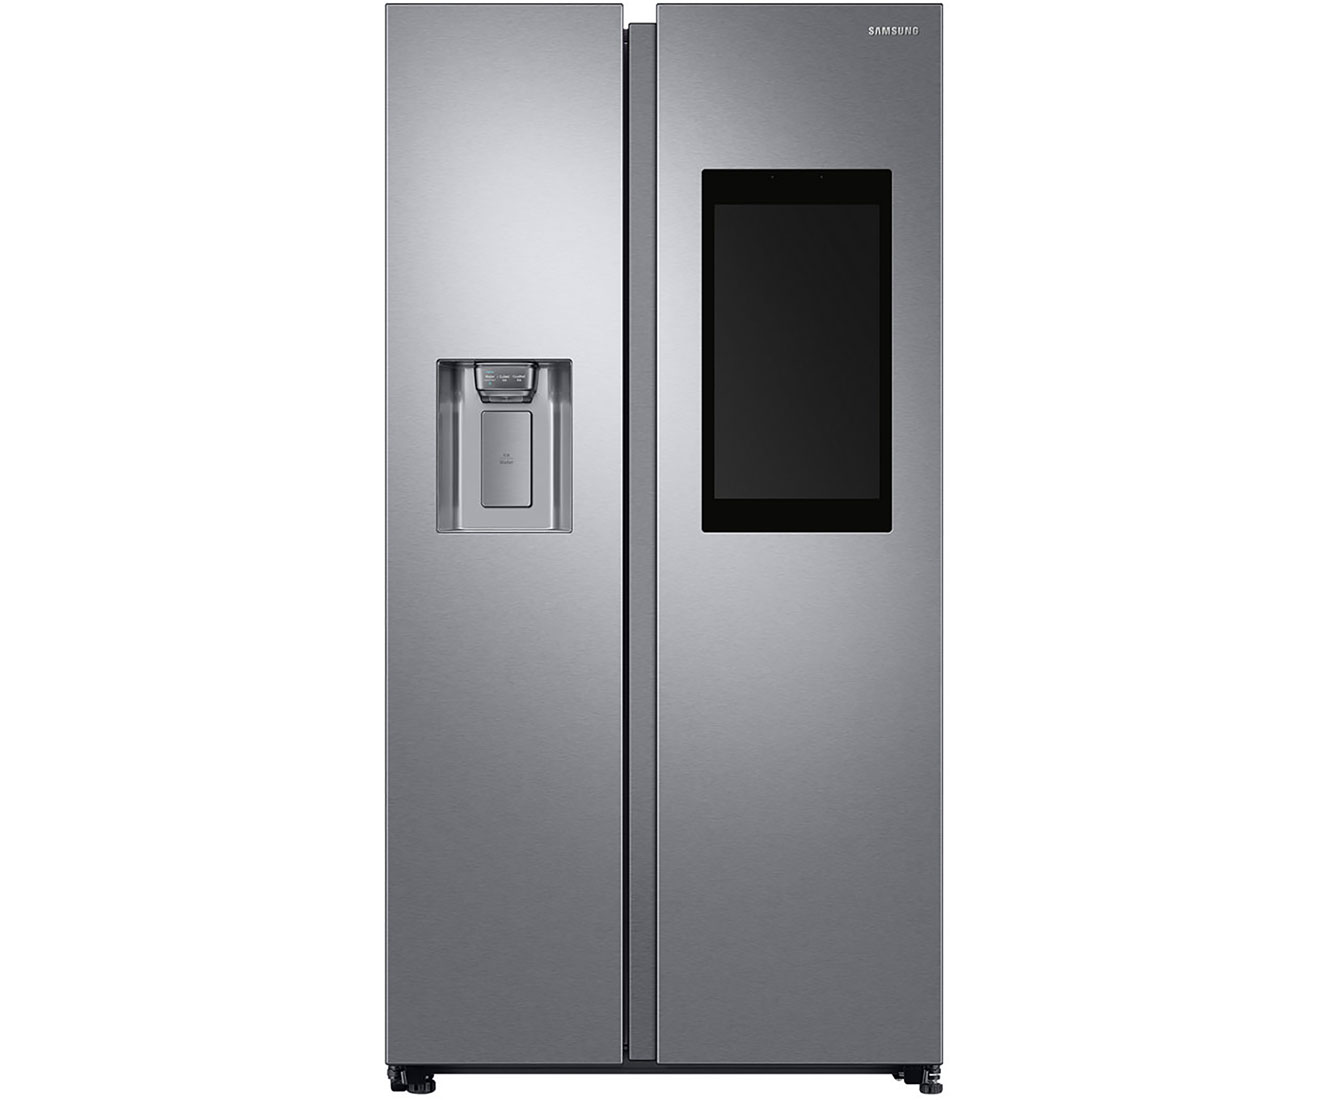 Amerikanischer Kühlschrank Idealo : Samsung rs n sl ef amerikanischer side by side mit